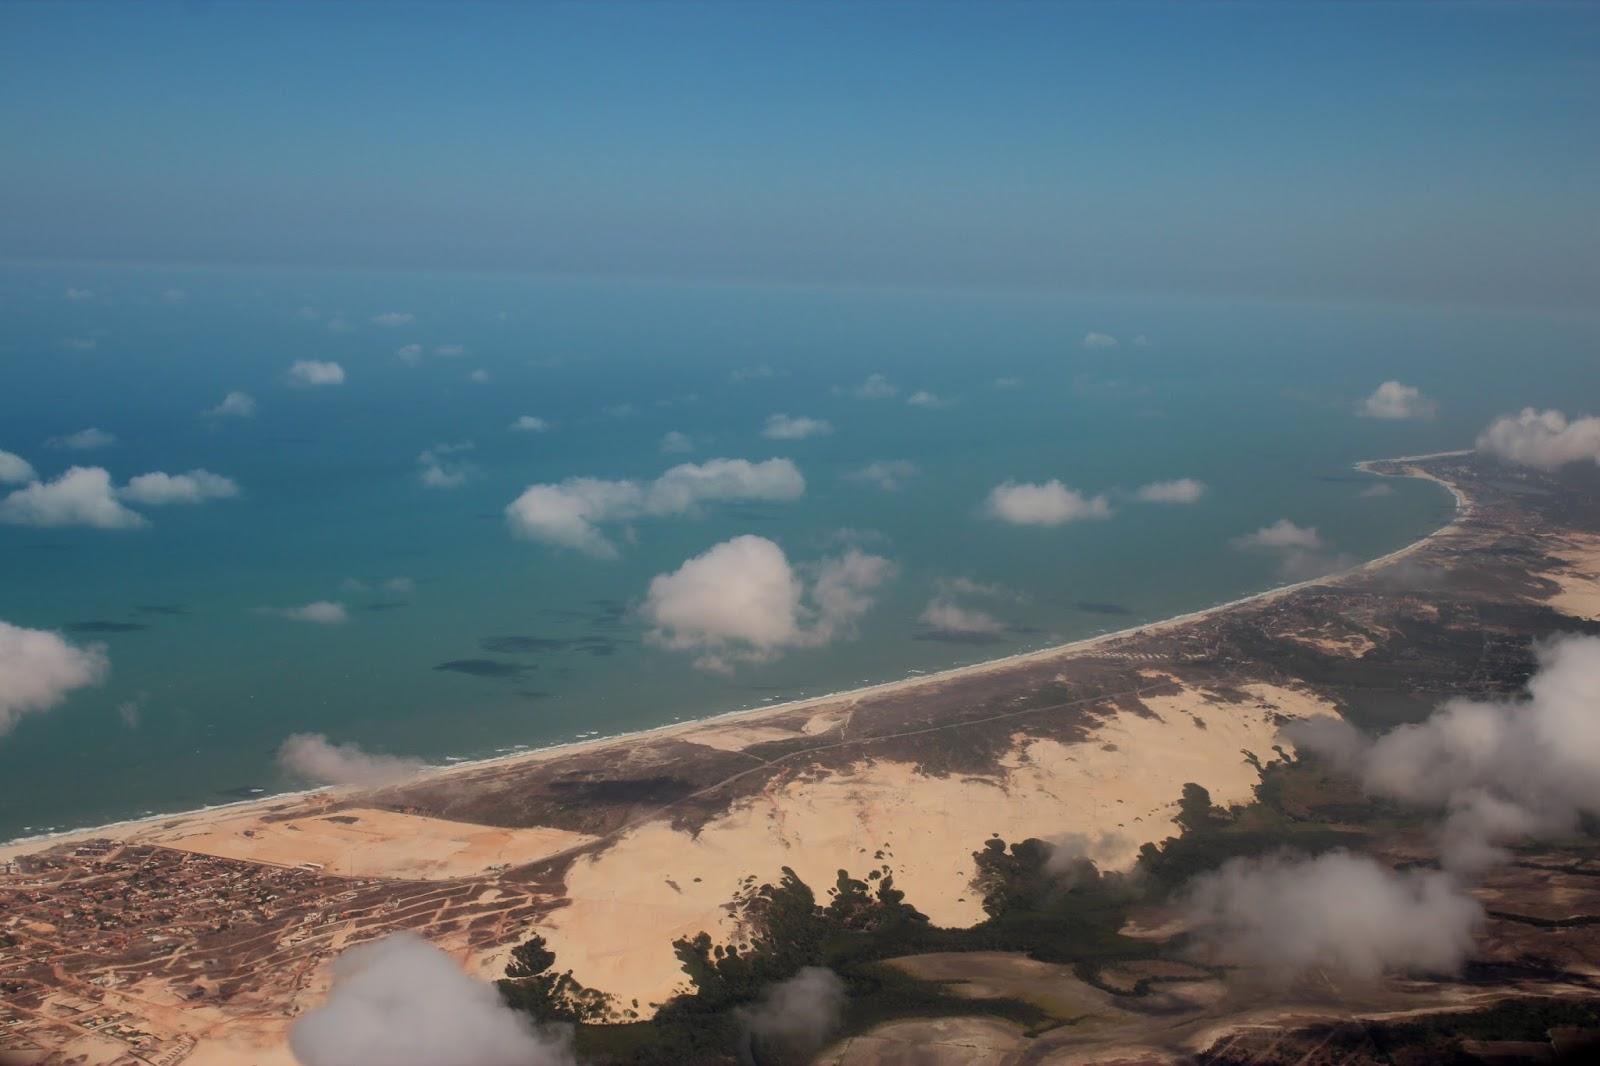 Nuvens da evaporação do mar levadas pelo vento a caminho da Amazônia - foto:Elma Carneiro